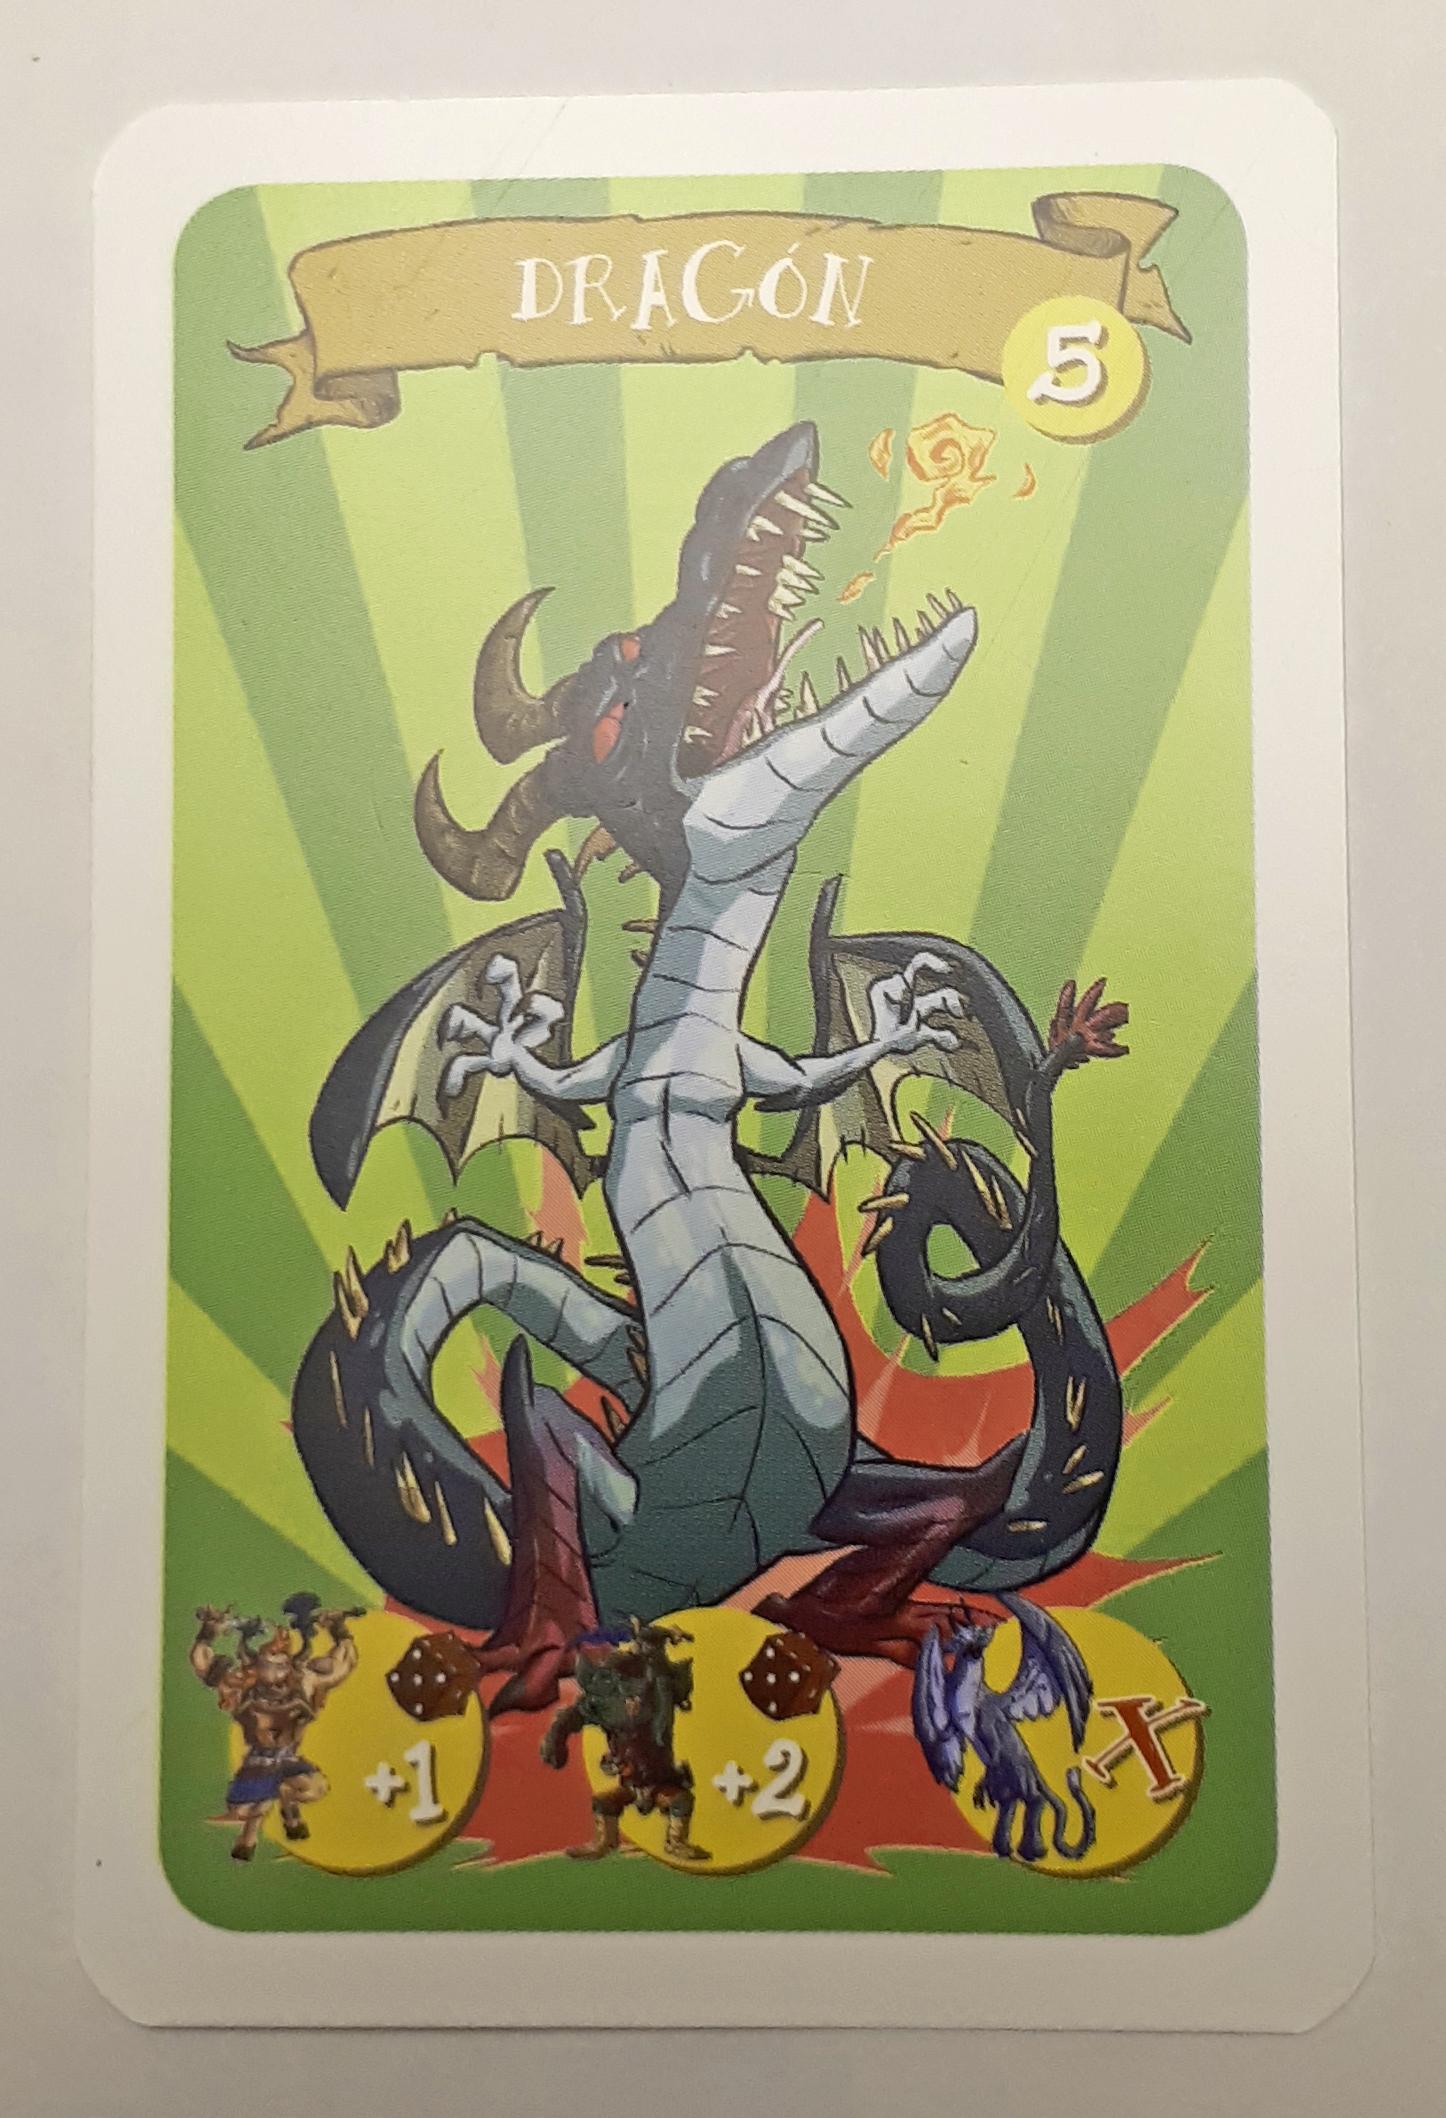 carta dragon.jpg